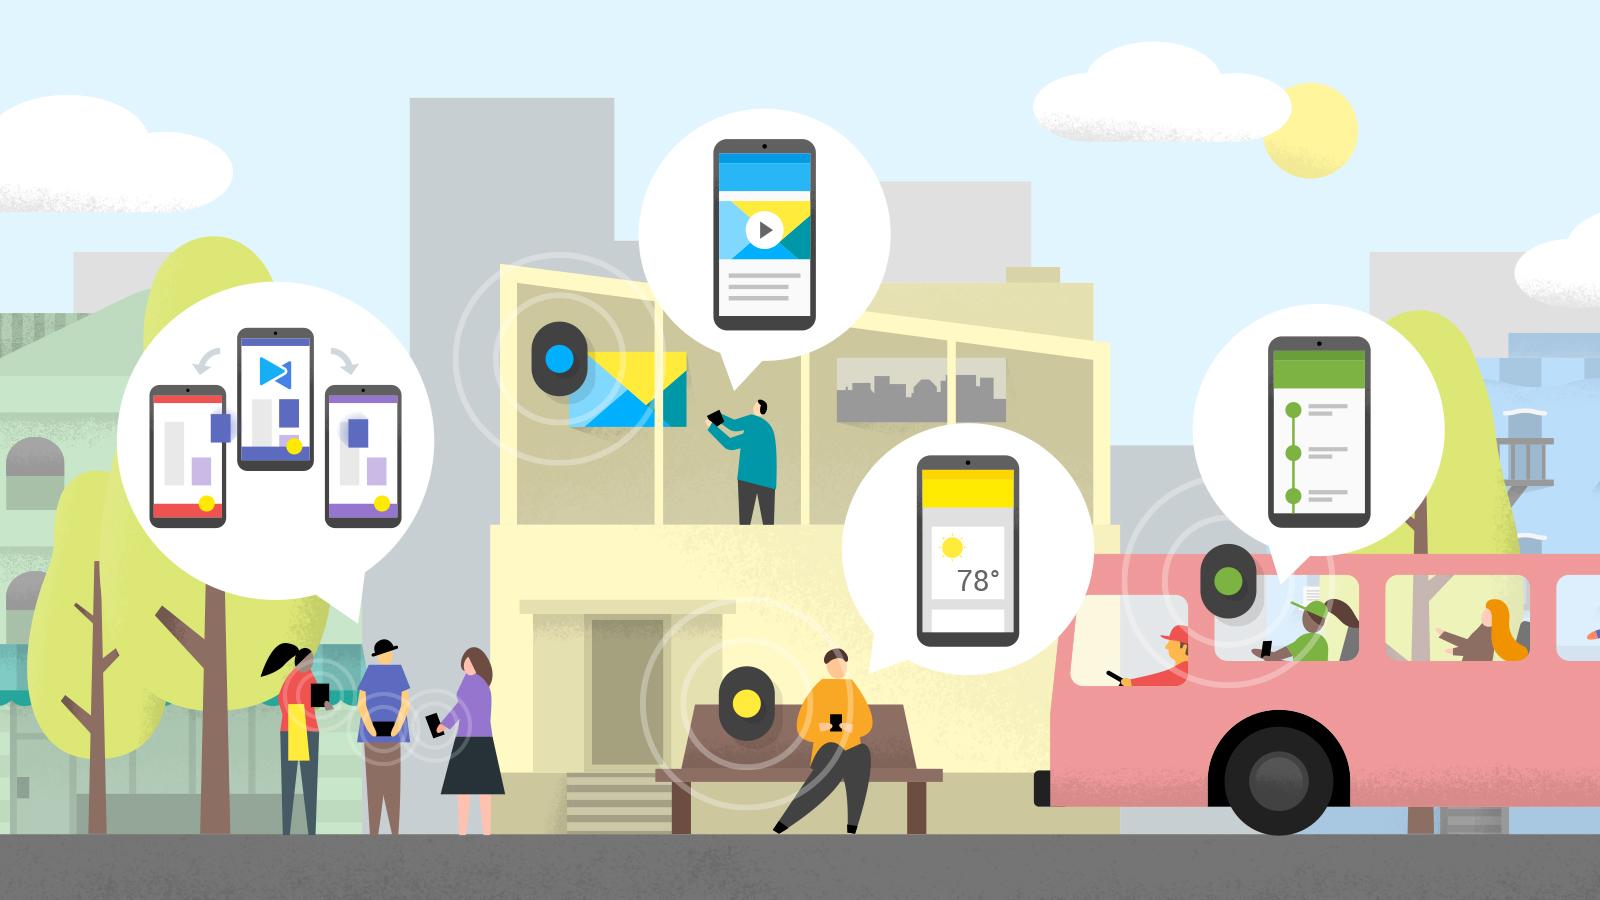 google-nearby-balizas-futuro-conexiones-dispositivos-conectividad-streaming-digitaldepot